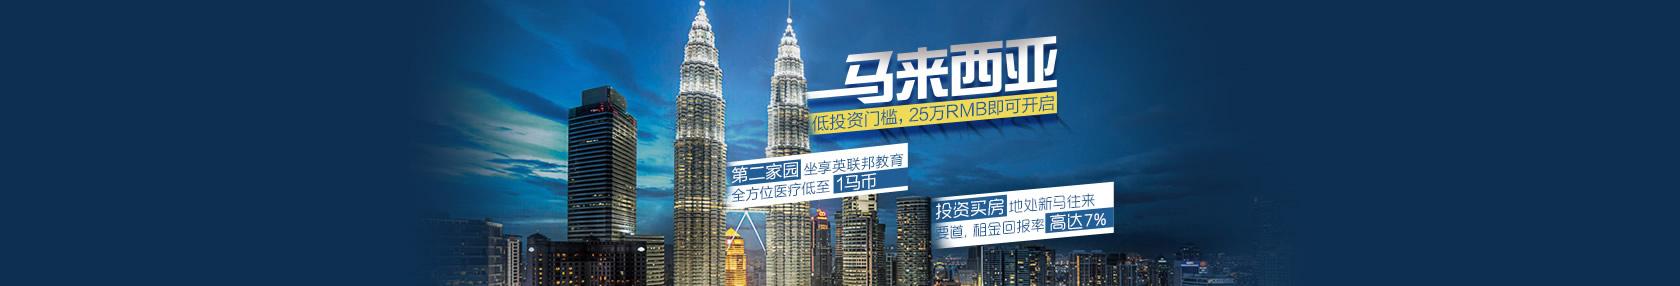 投资买房马来西亚第二家园,低投资门槛、地理位置优越、租金回报率高达7%、坐享英联邦教育。